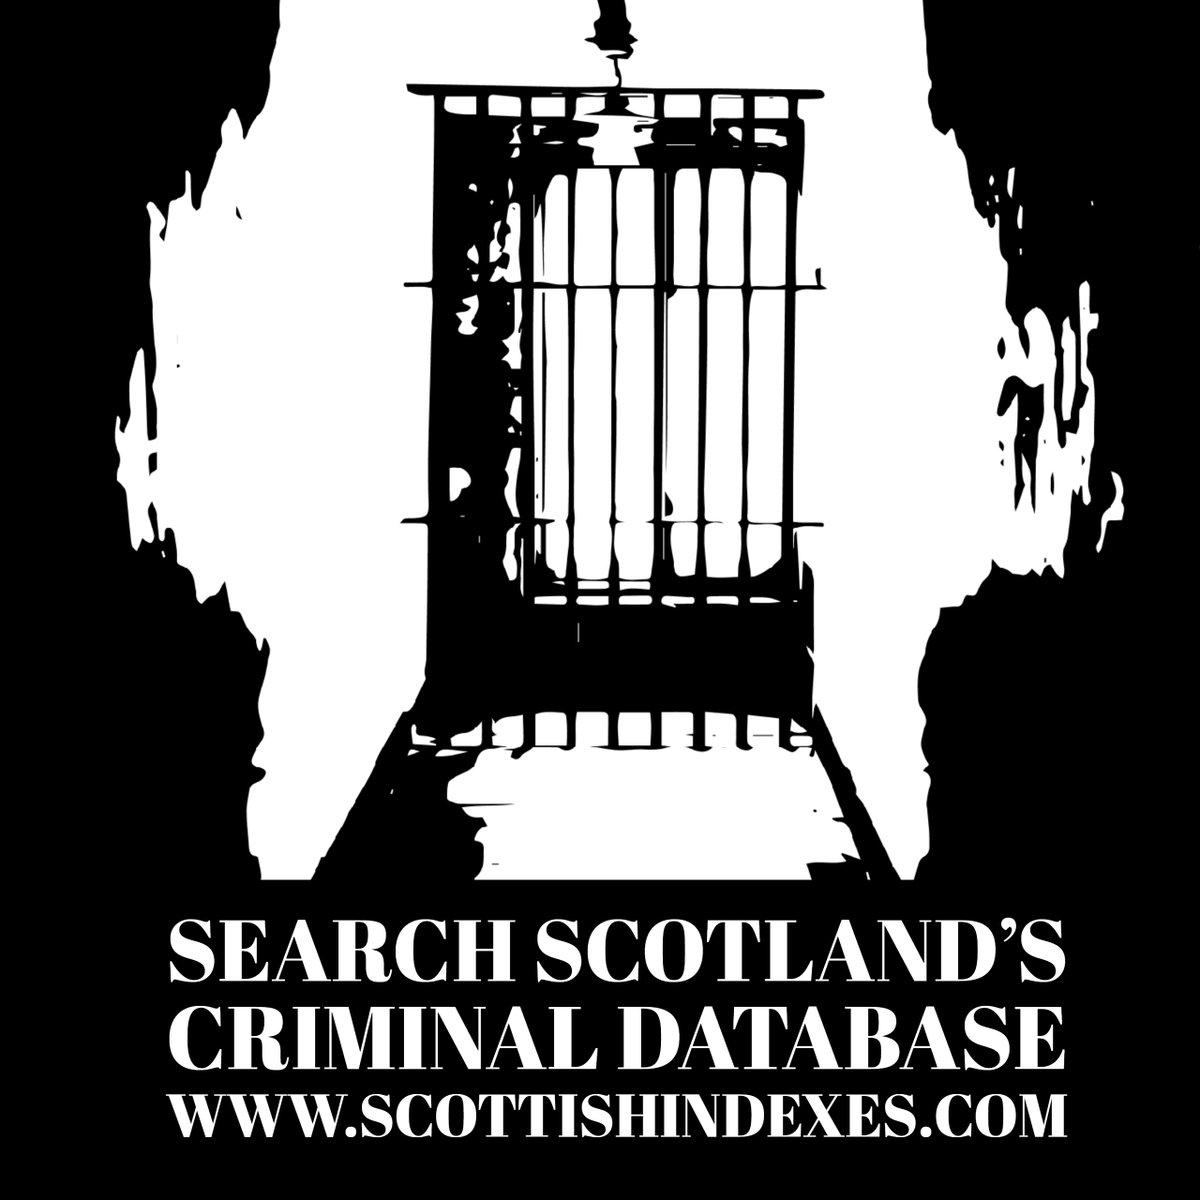 Scottish Indexes (@scottishindexes) | Twitter